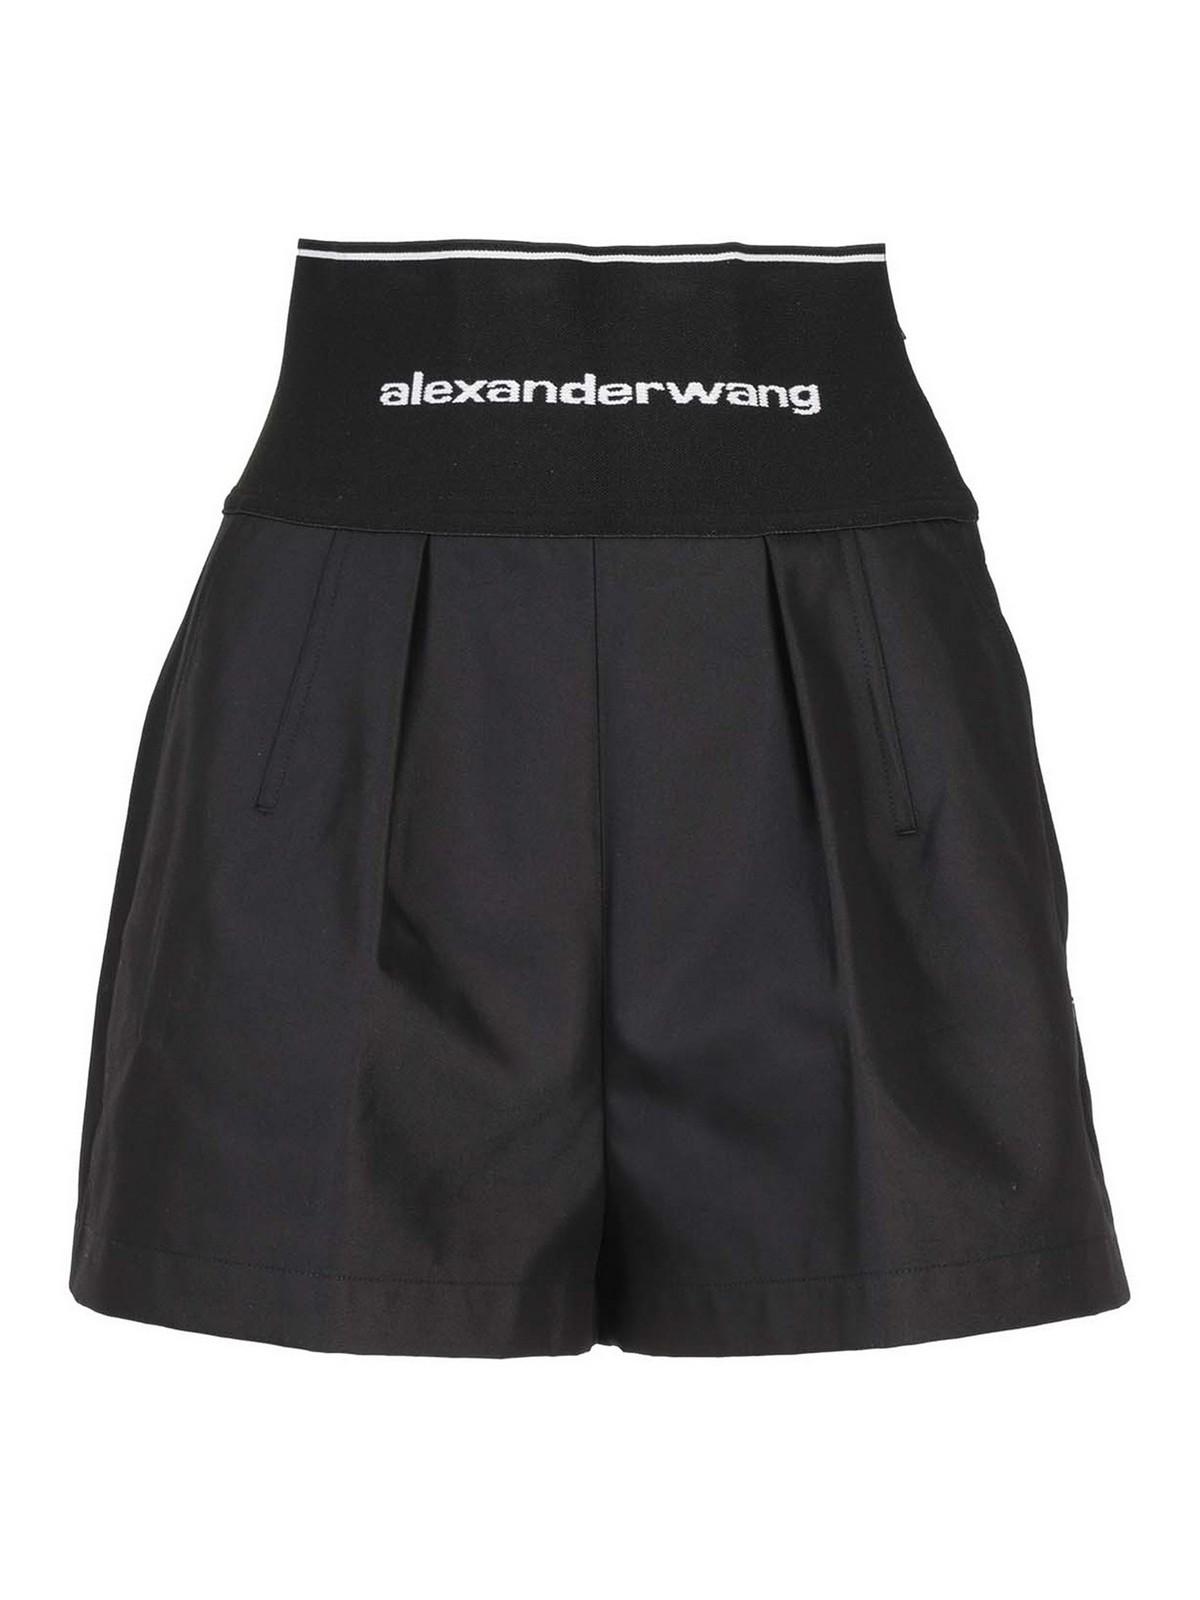 ALEXANDER WANG COTTON BLEND SHORTS